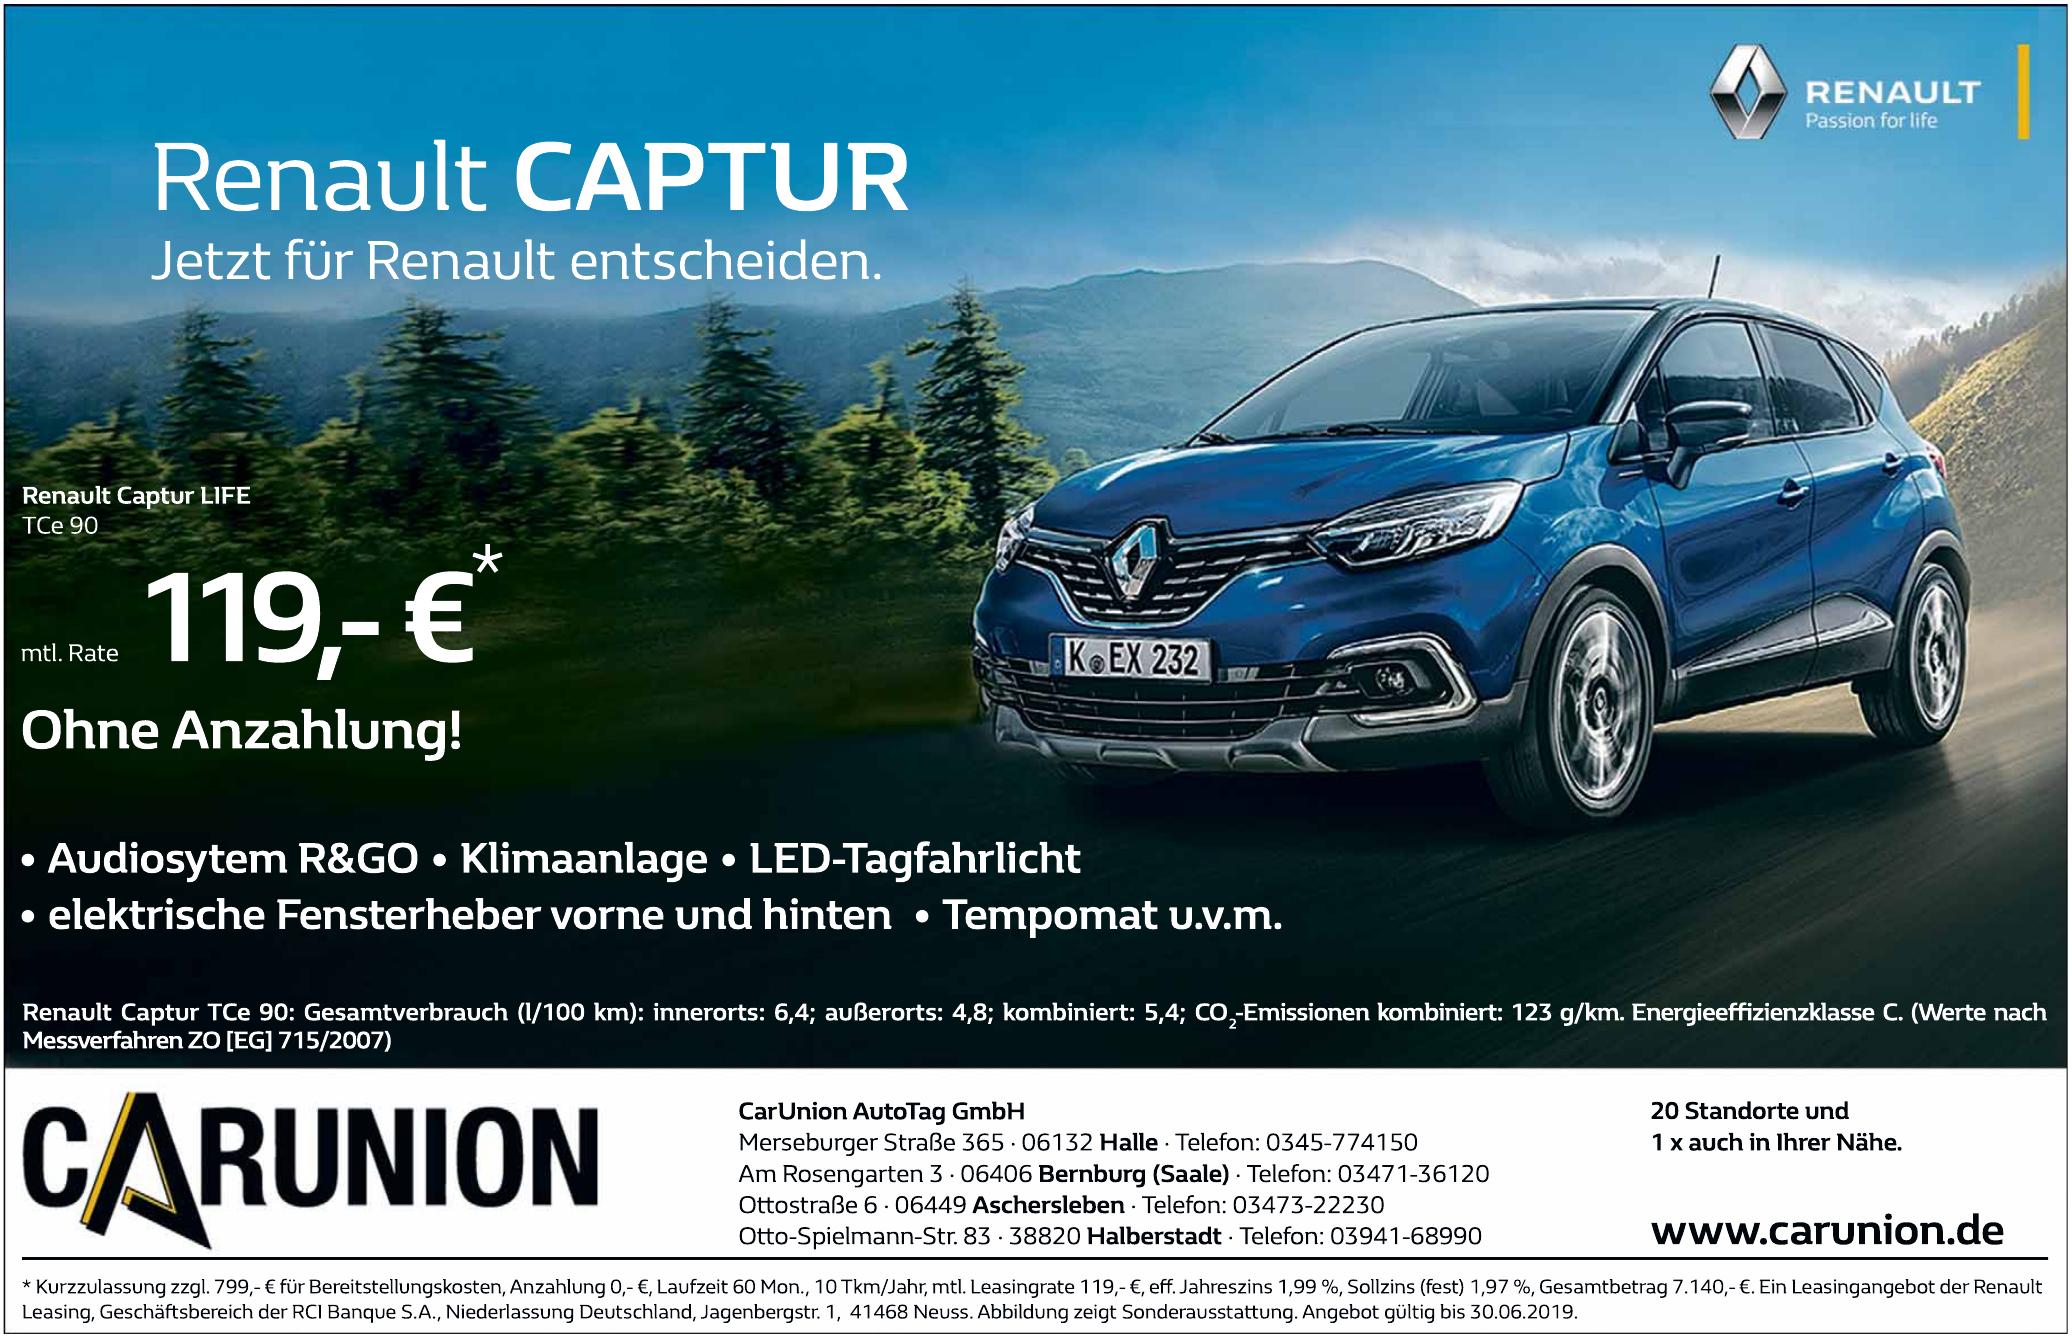 CarUnion Auto Tag GmbH